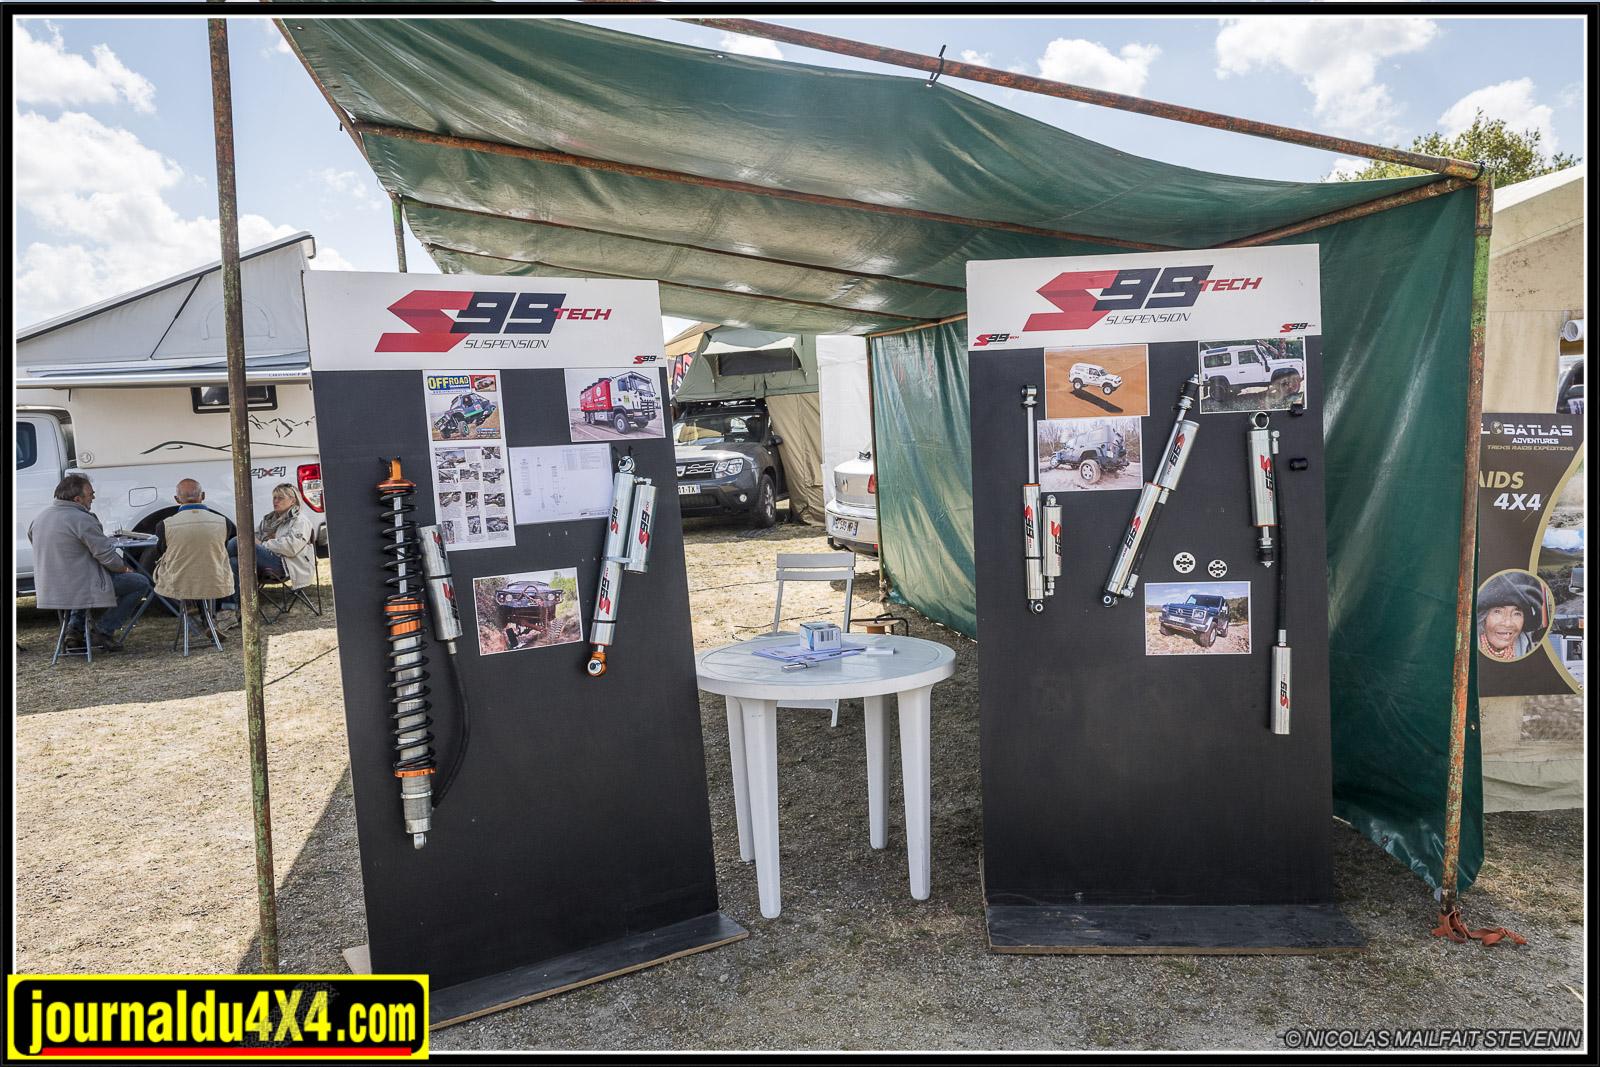 Des amortisseurs haut de gamme chez S99 Tech